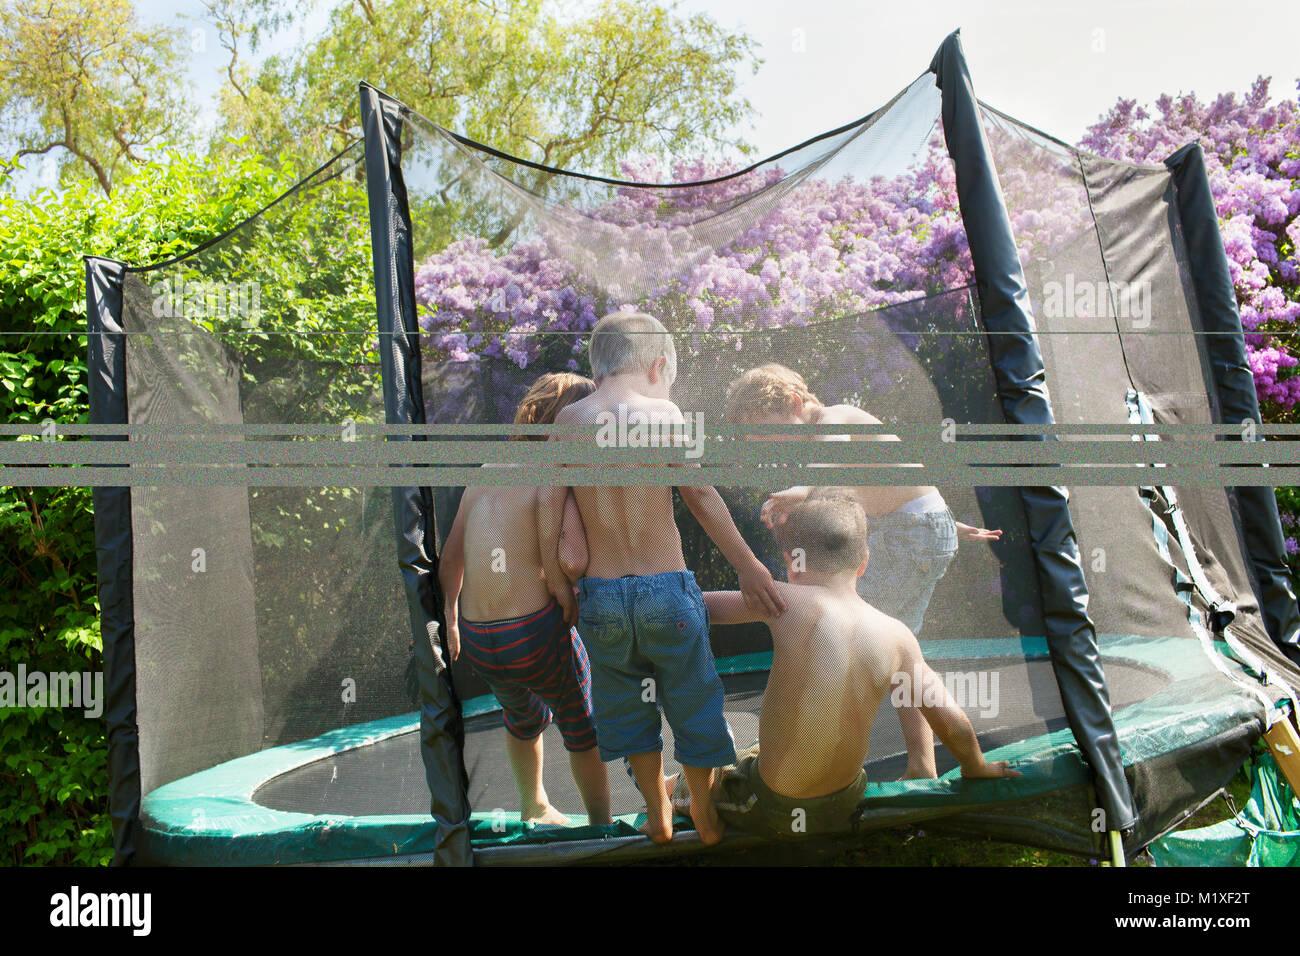 Les garçons sur trampoline Photo Stock